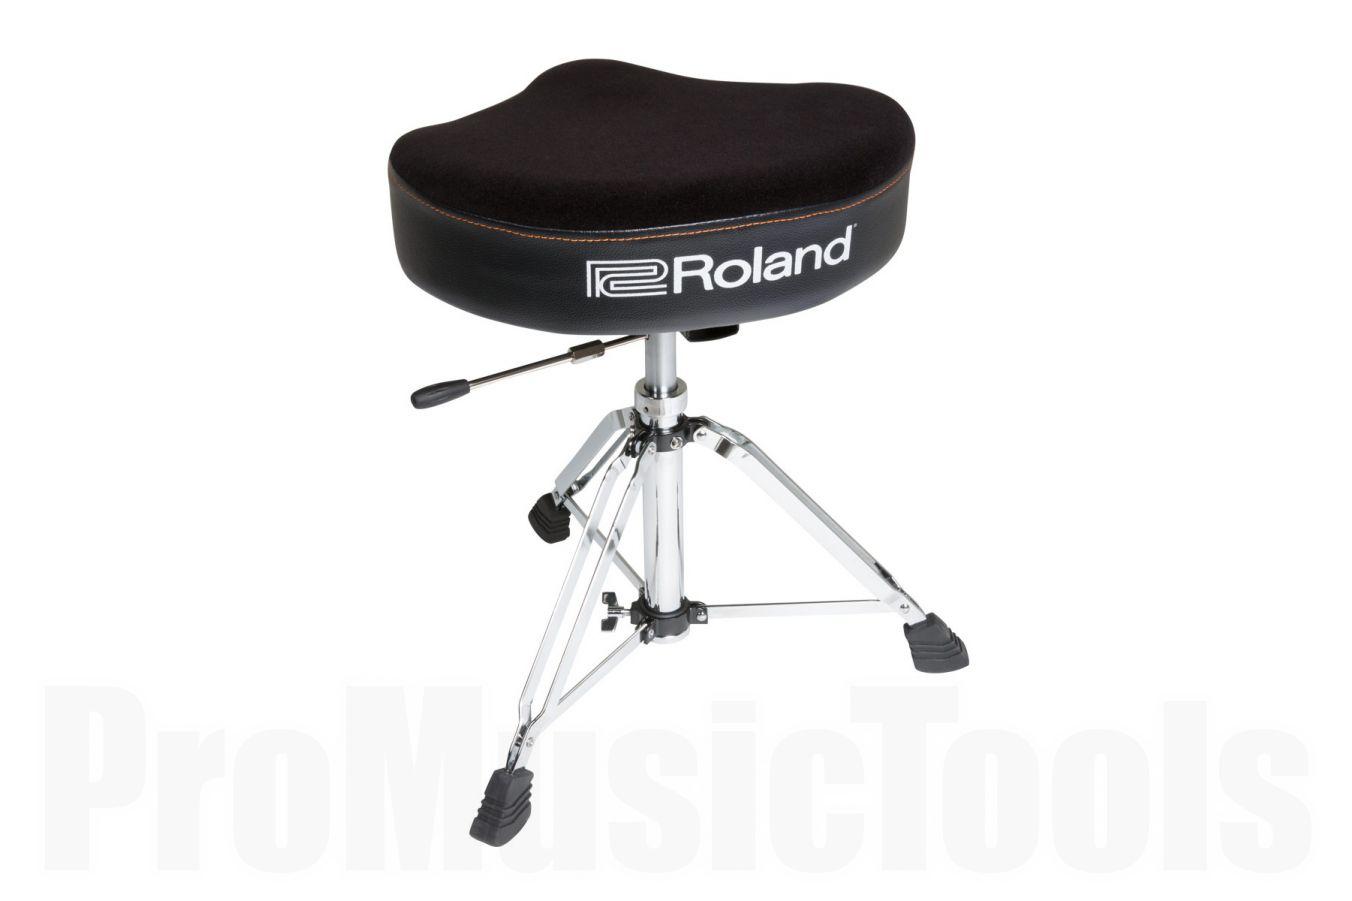 Roland RDT-SH Drum Throne